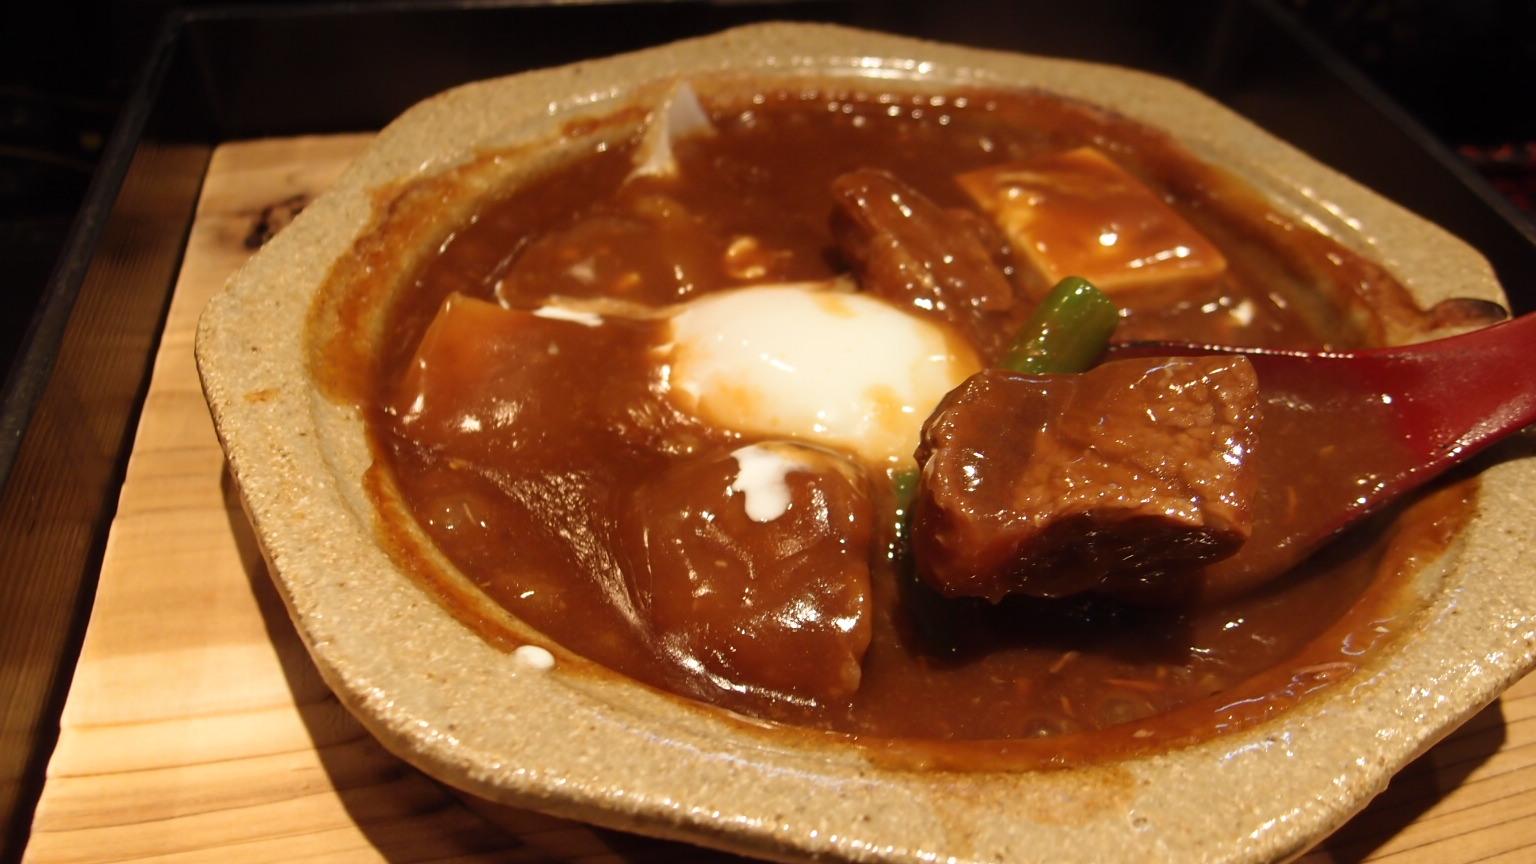 銀座 古窯 和風ビーフシチュー定食 | スープチャーハン定食